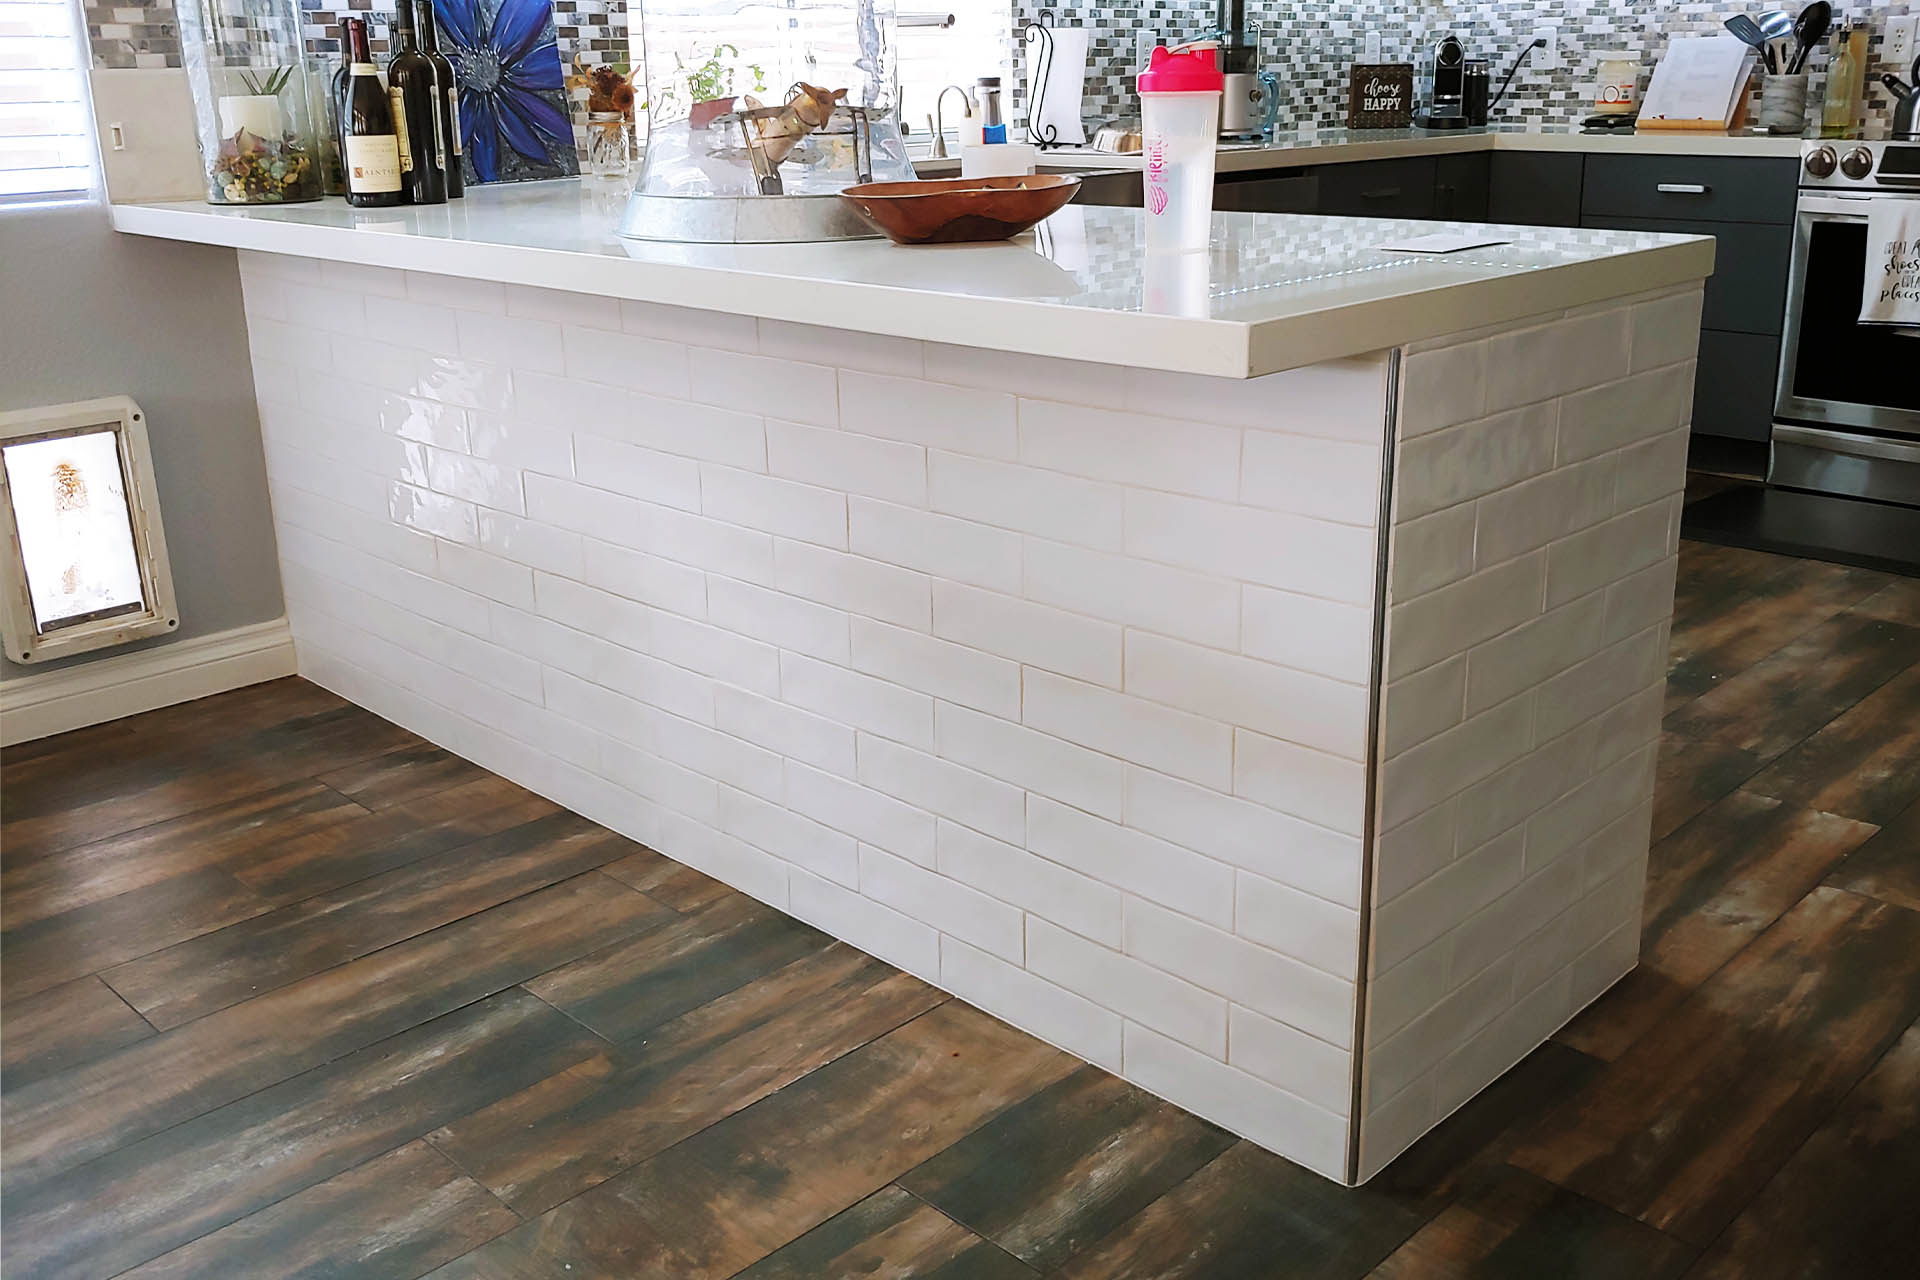 View Kitchen Counter Backsplash Installation